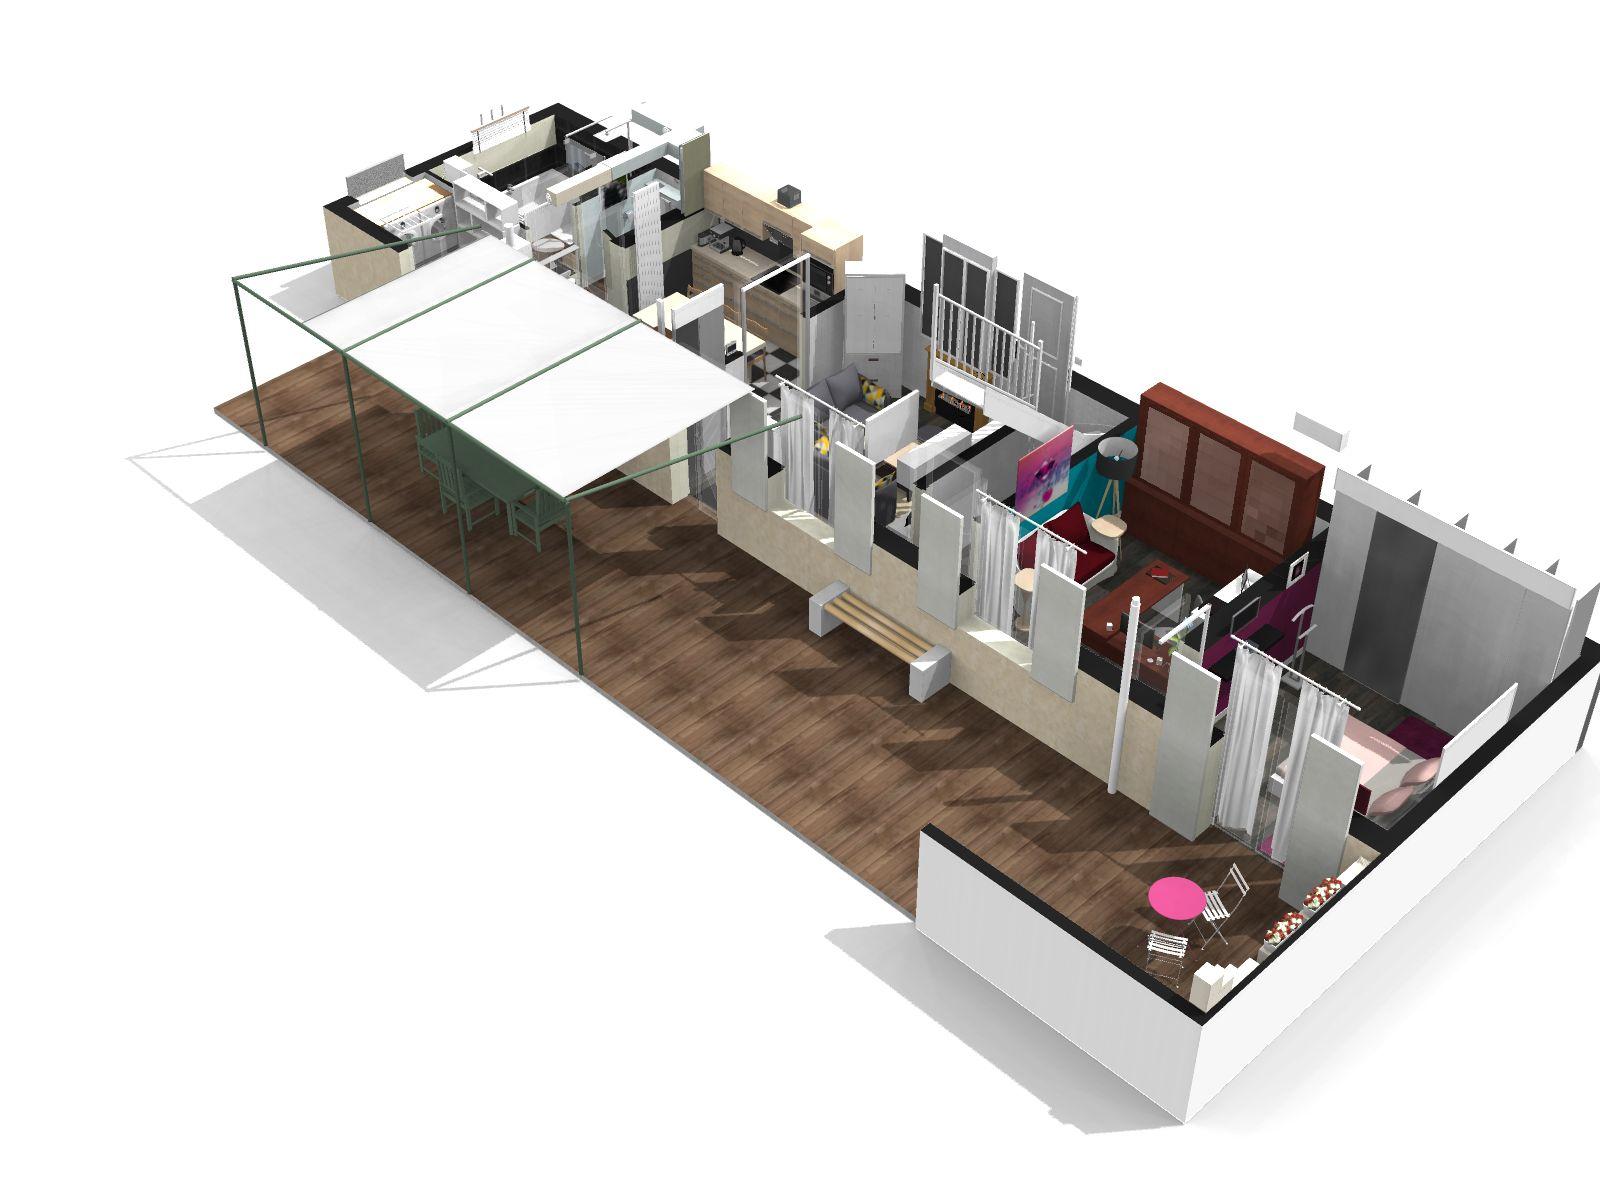 Maison De Reve Plan ma maison de rêve - homebyme